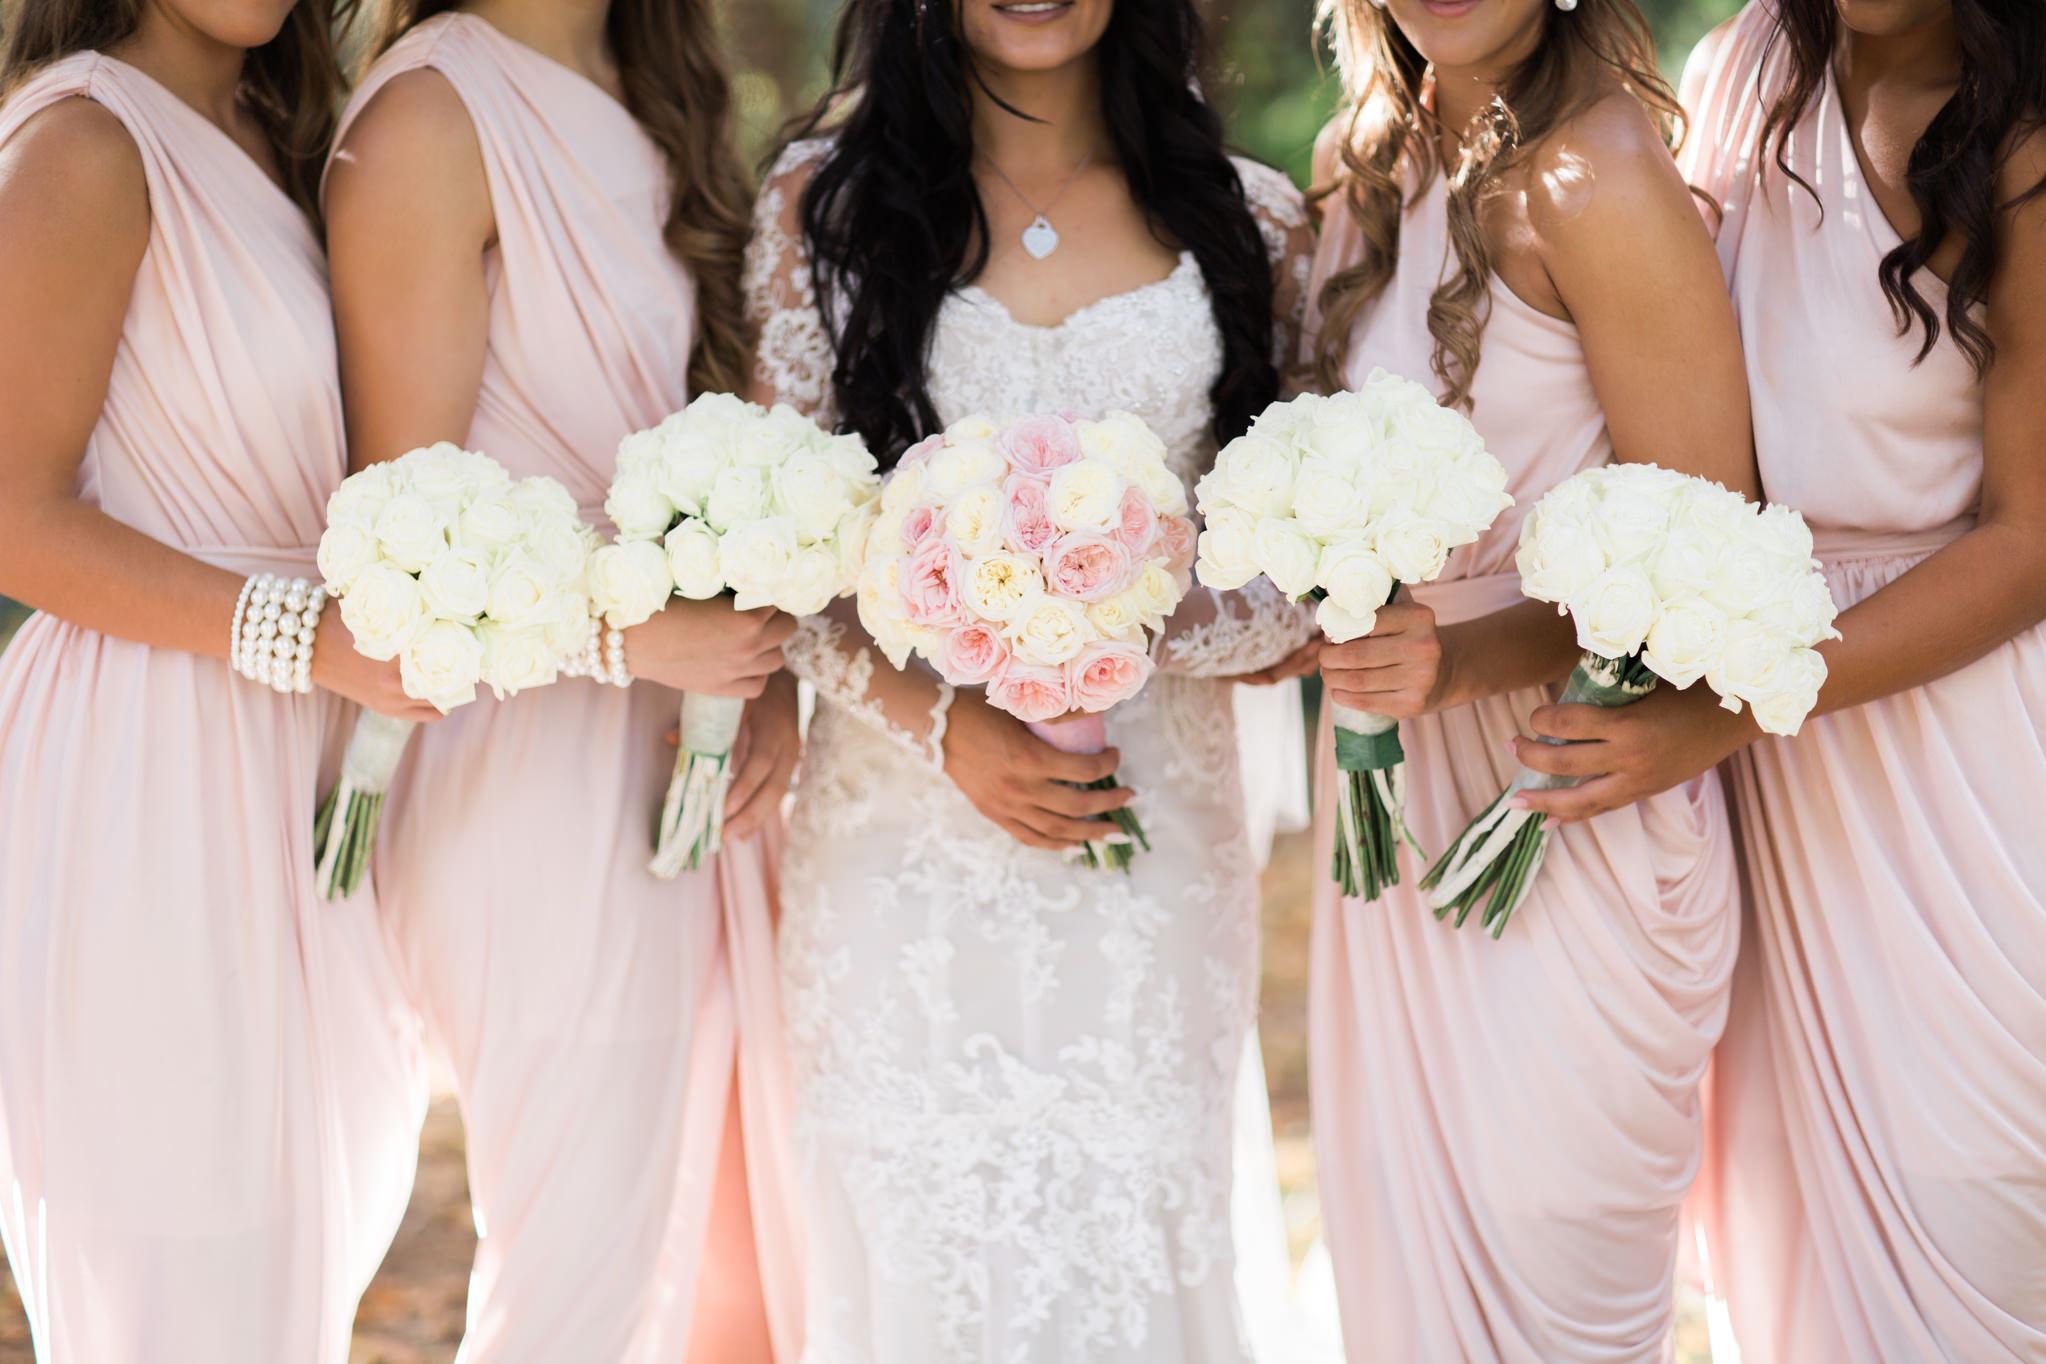 WeddingPhotos_Facebook_2046pixels-1415.jpg